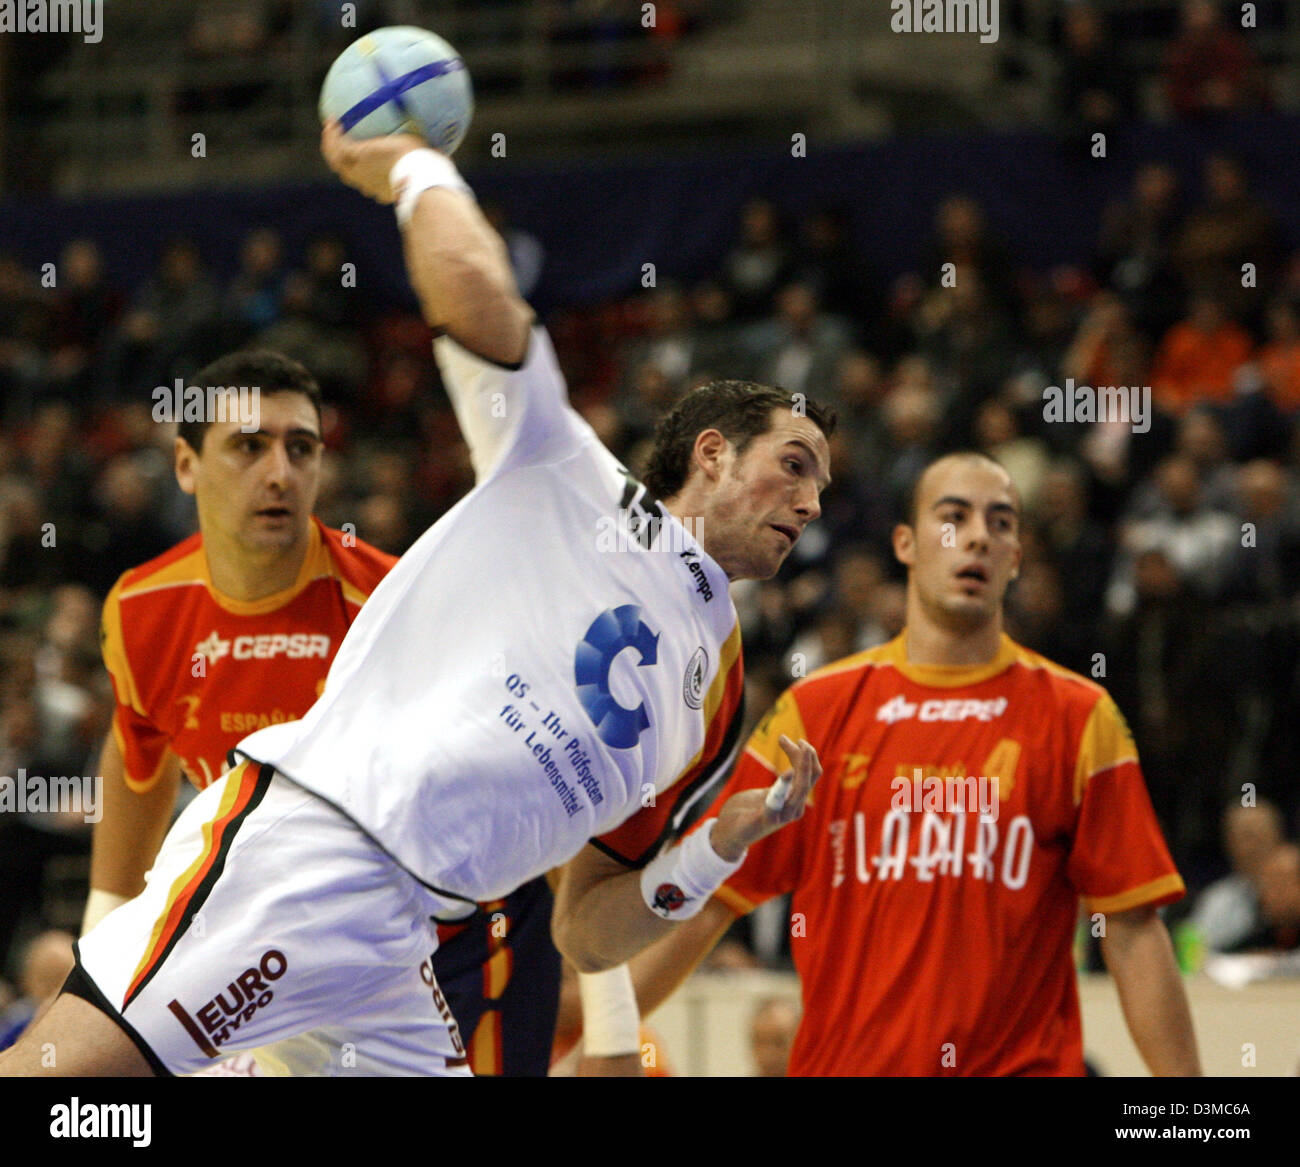 2006 European Men's Handball Championship